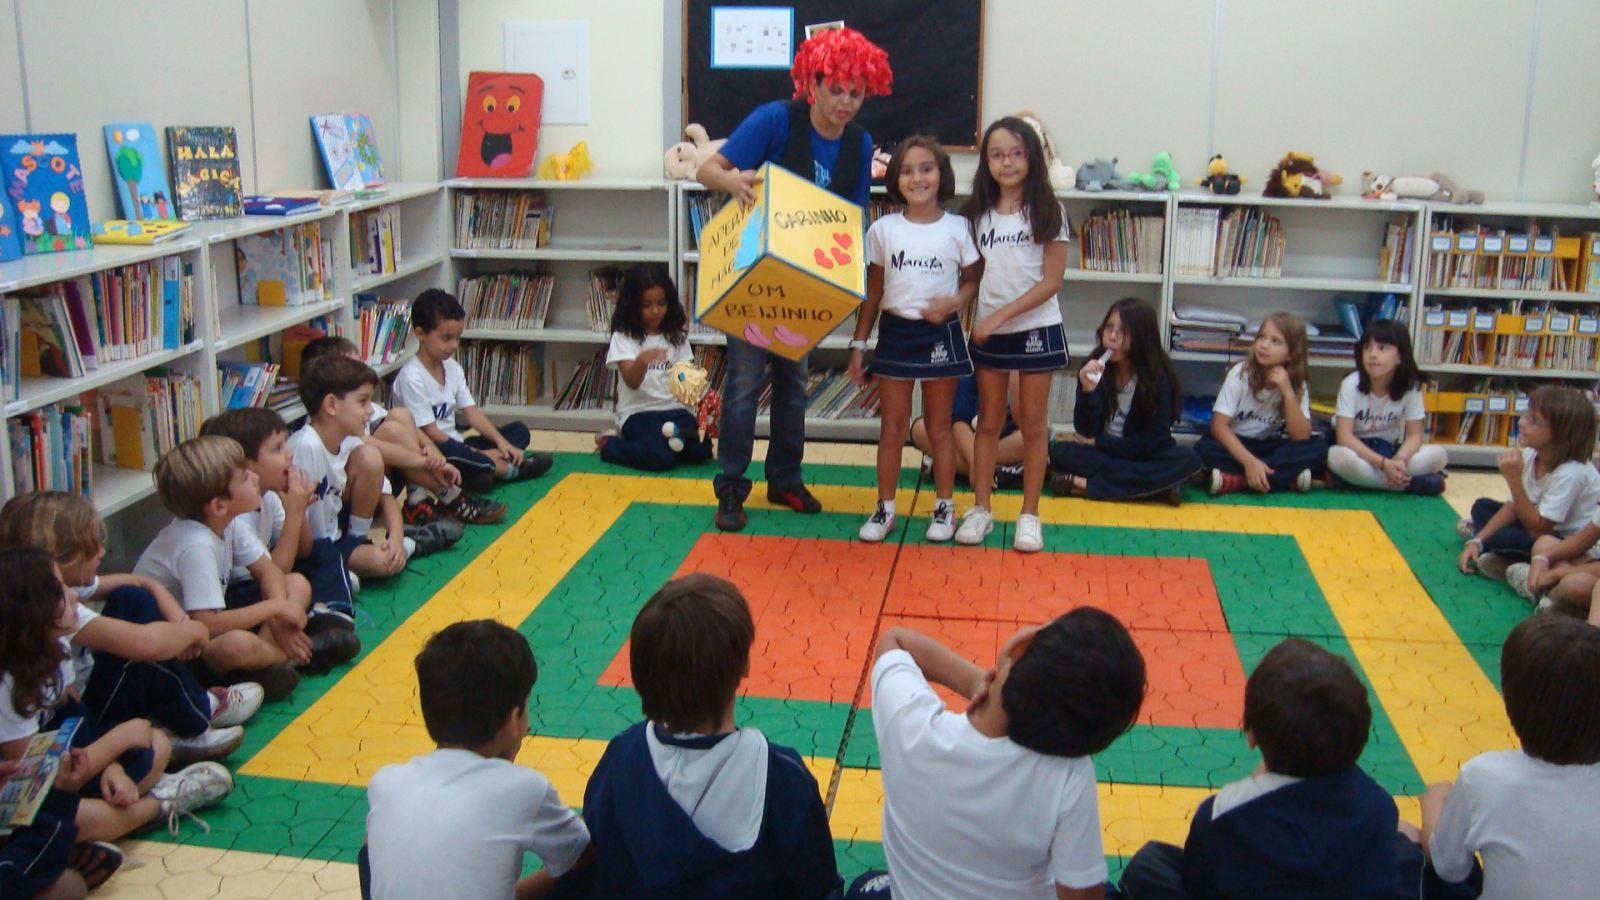 Excepcional ATIVIDADES RECREATIVAS PARA EDUCAÇÃO INFANTIL +70 Ideias GN24